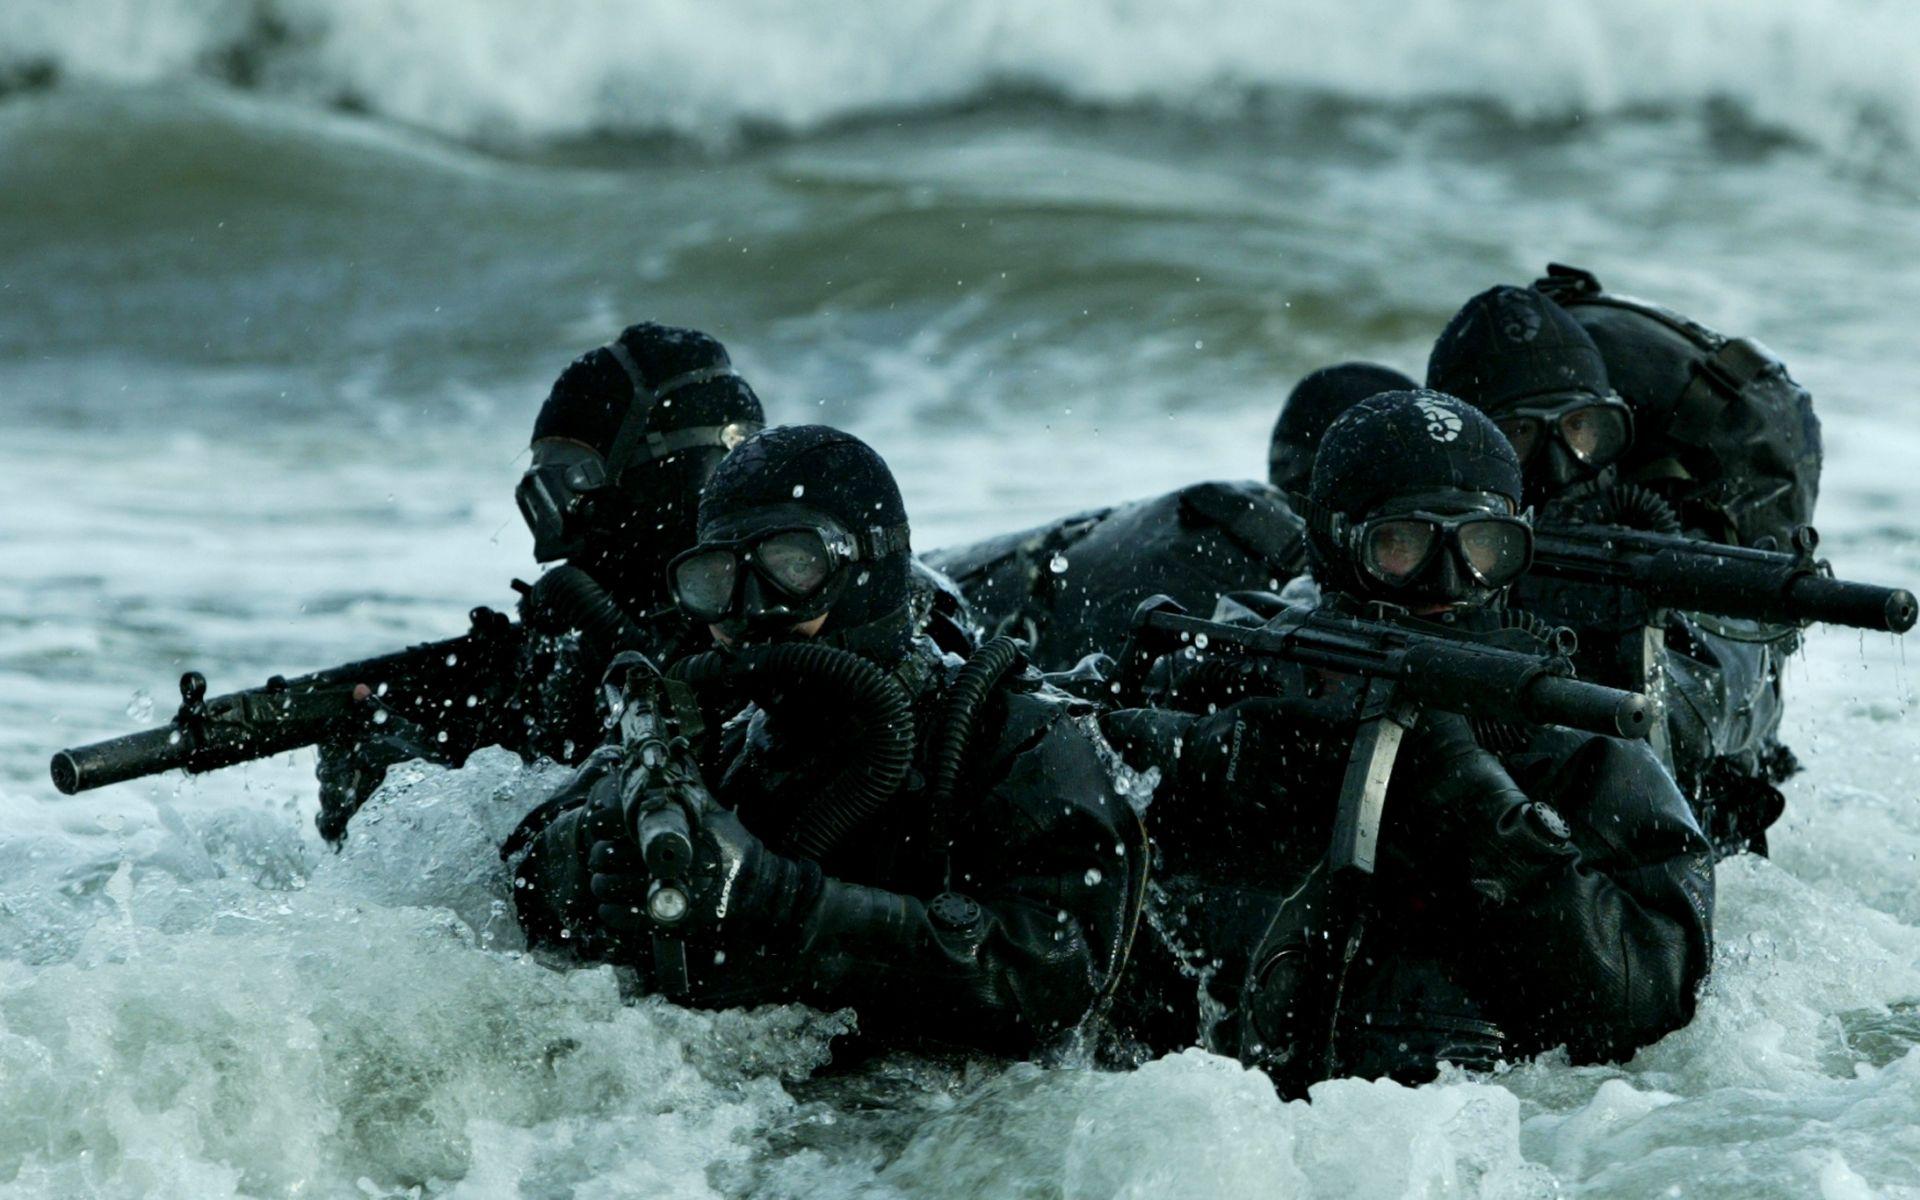 Sig Sauer Iphone Wallpaper Best 25 Navy Seal Wallpaper Ideas On Pinterest Navy